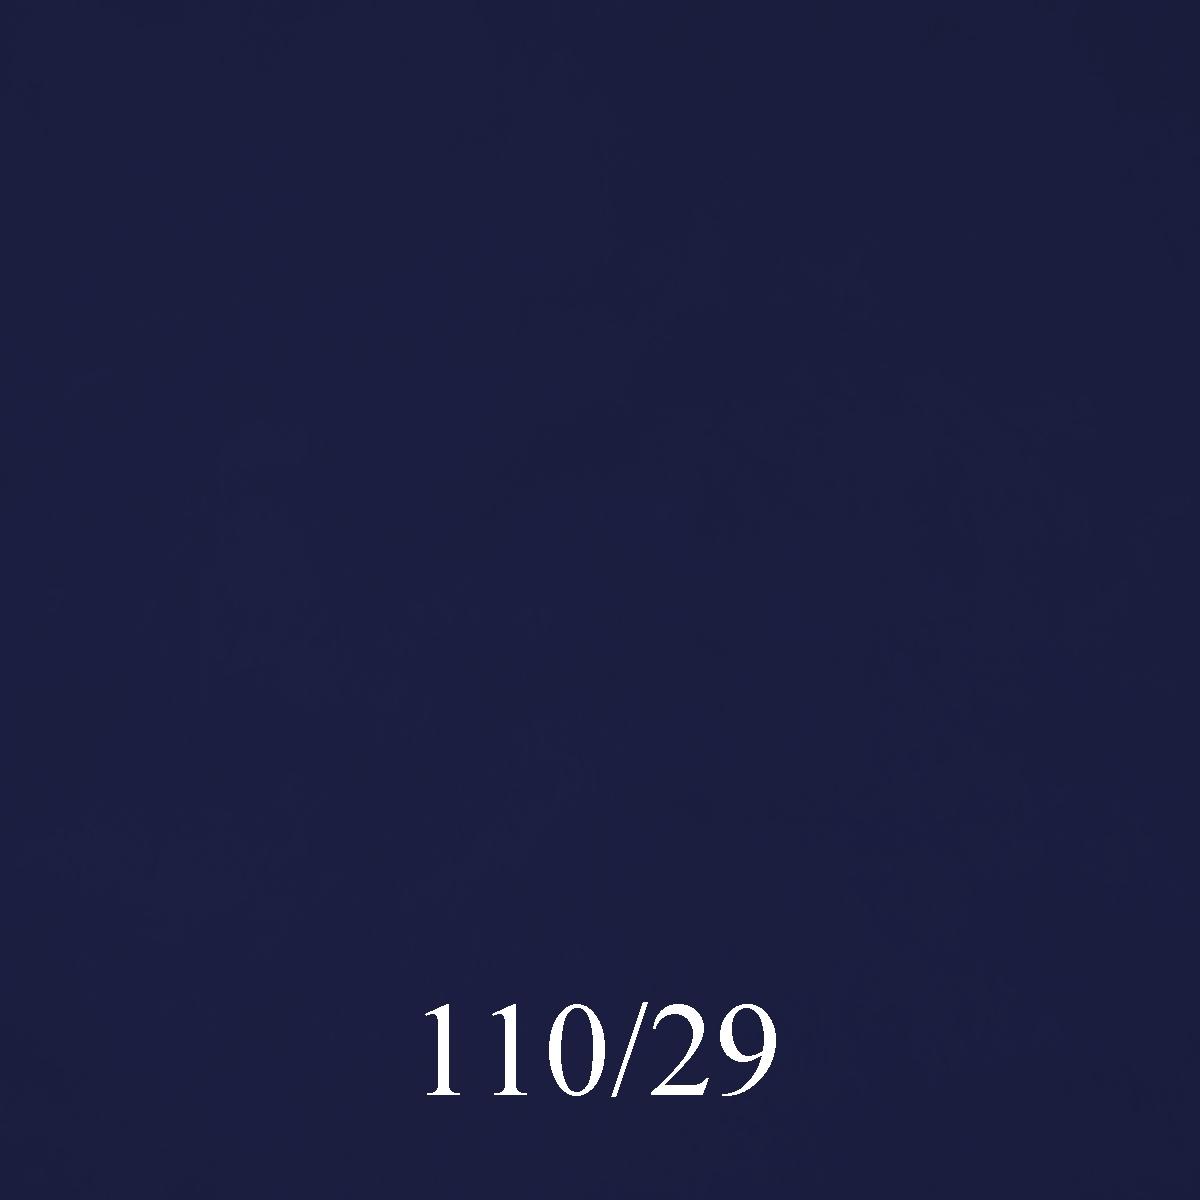 110-29 Azul noche